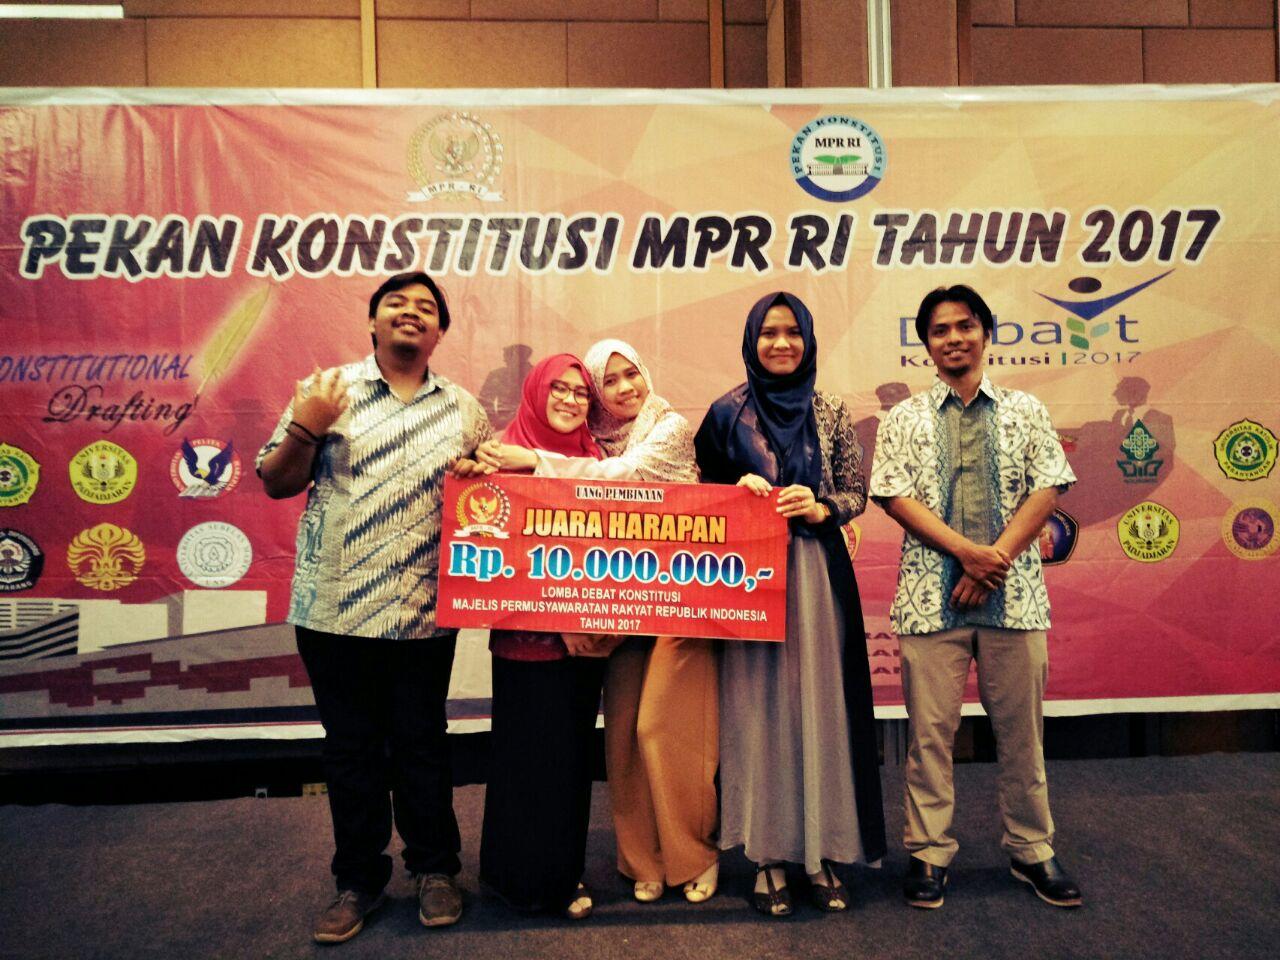 MPR RI #1